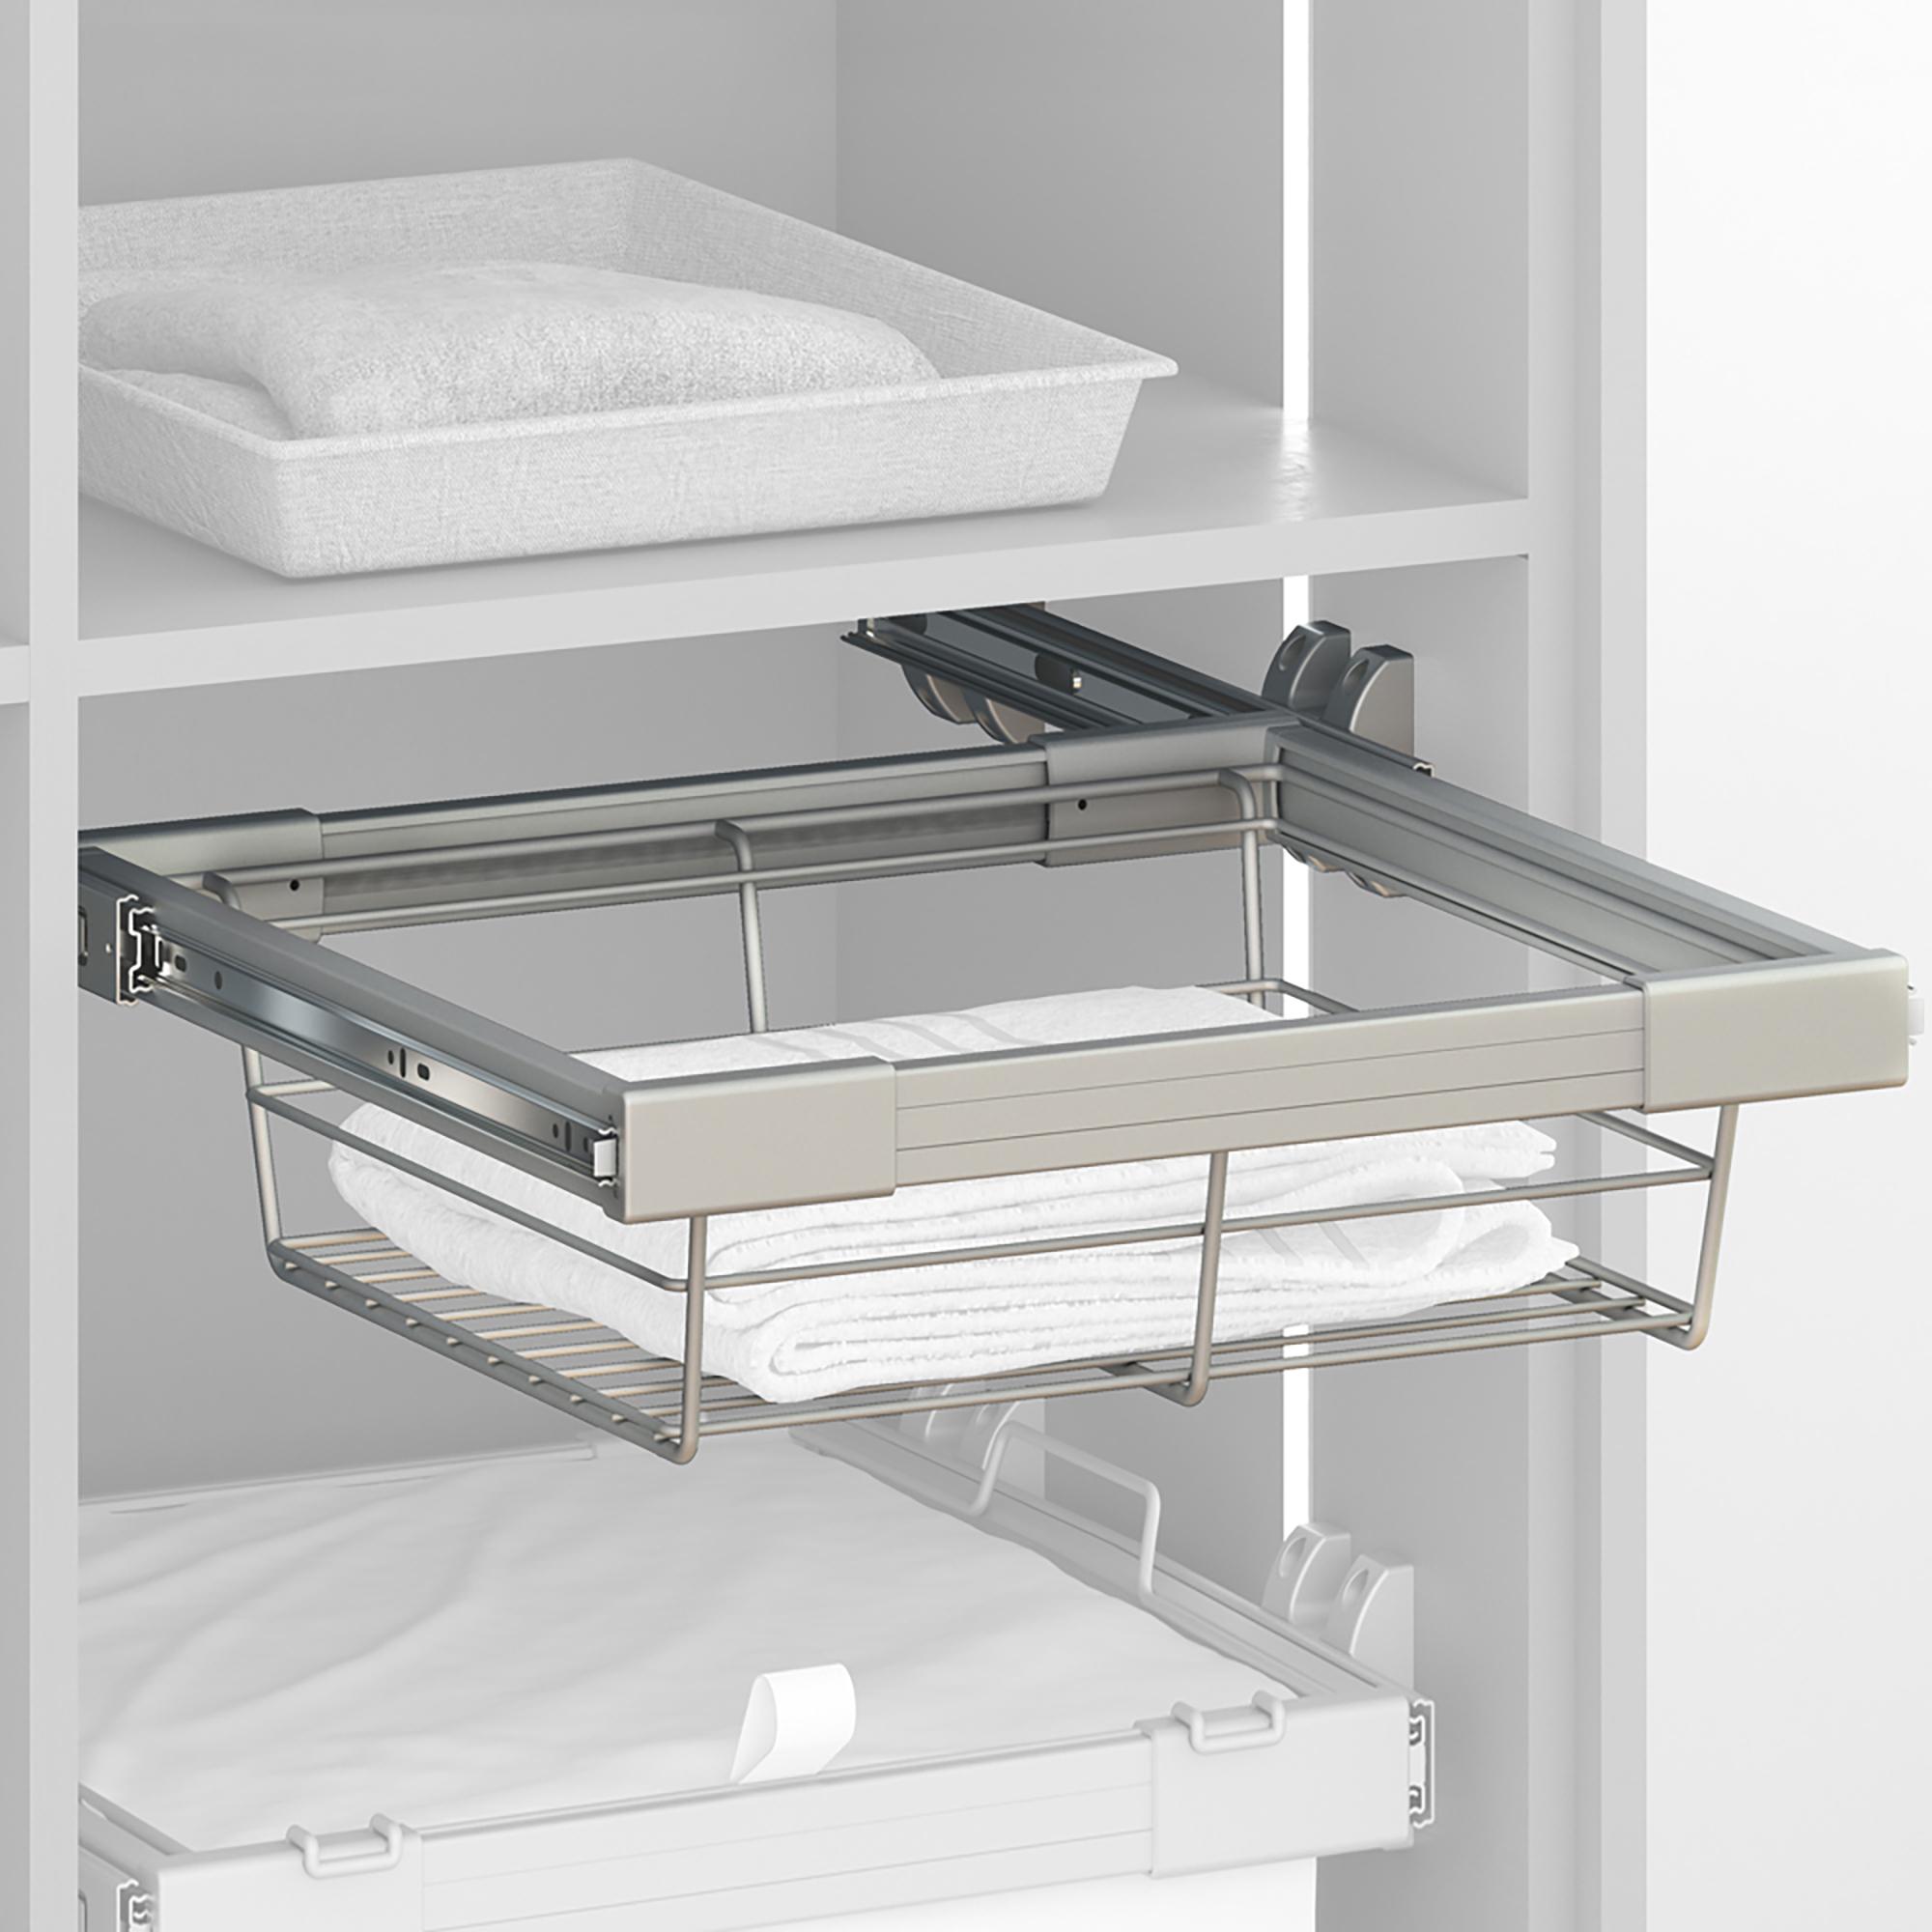 Emuca Kit Cassetto metallico con guide, regolabile, modulo di 900 mm, Acciaio e alluminio, Grigio metallizzato